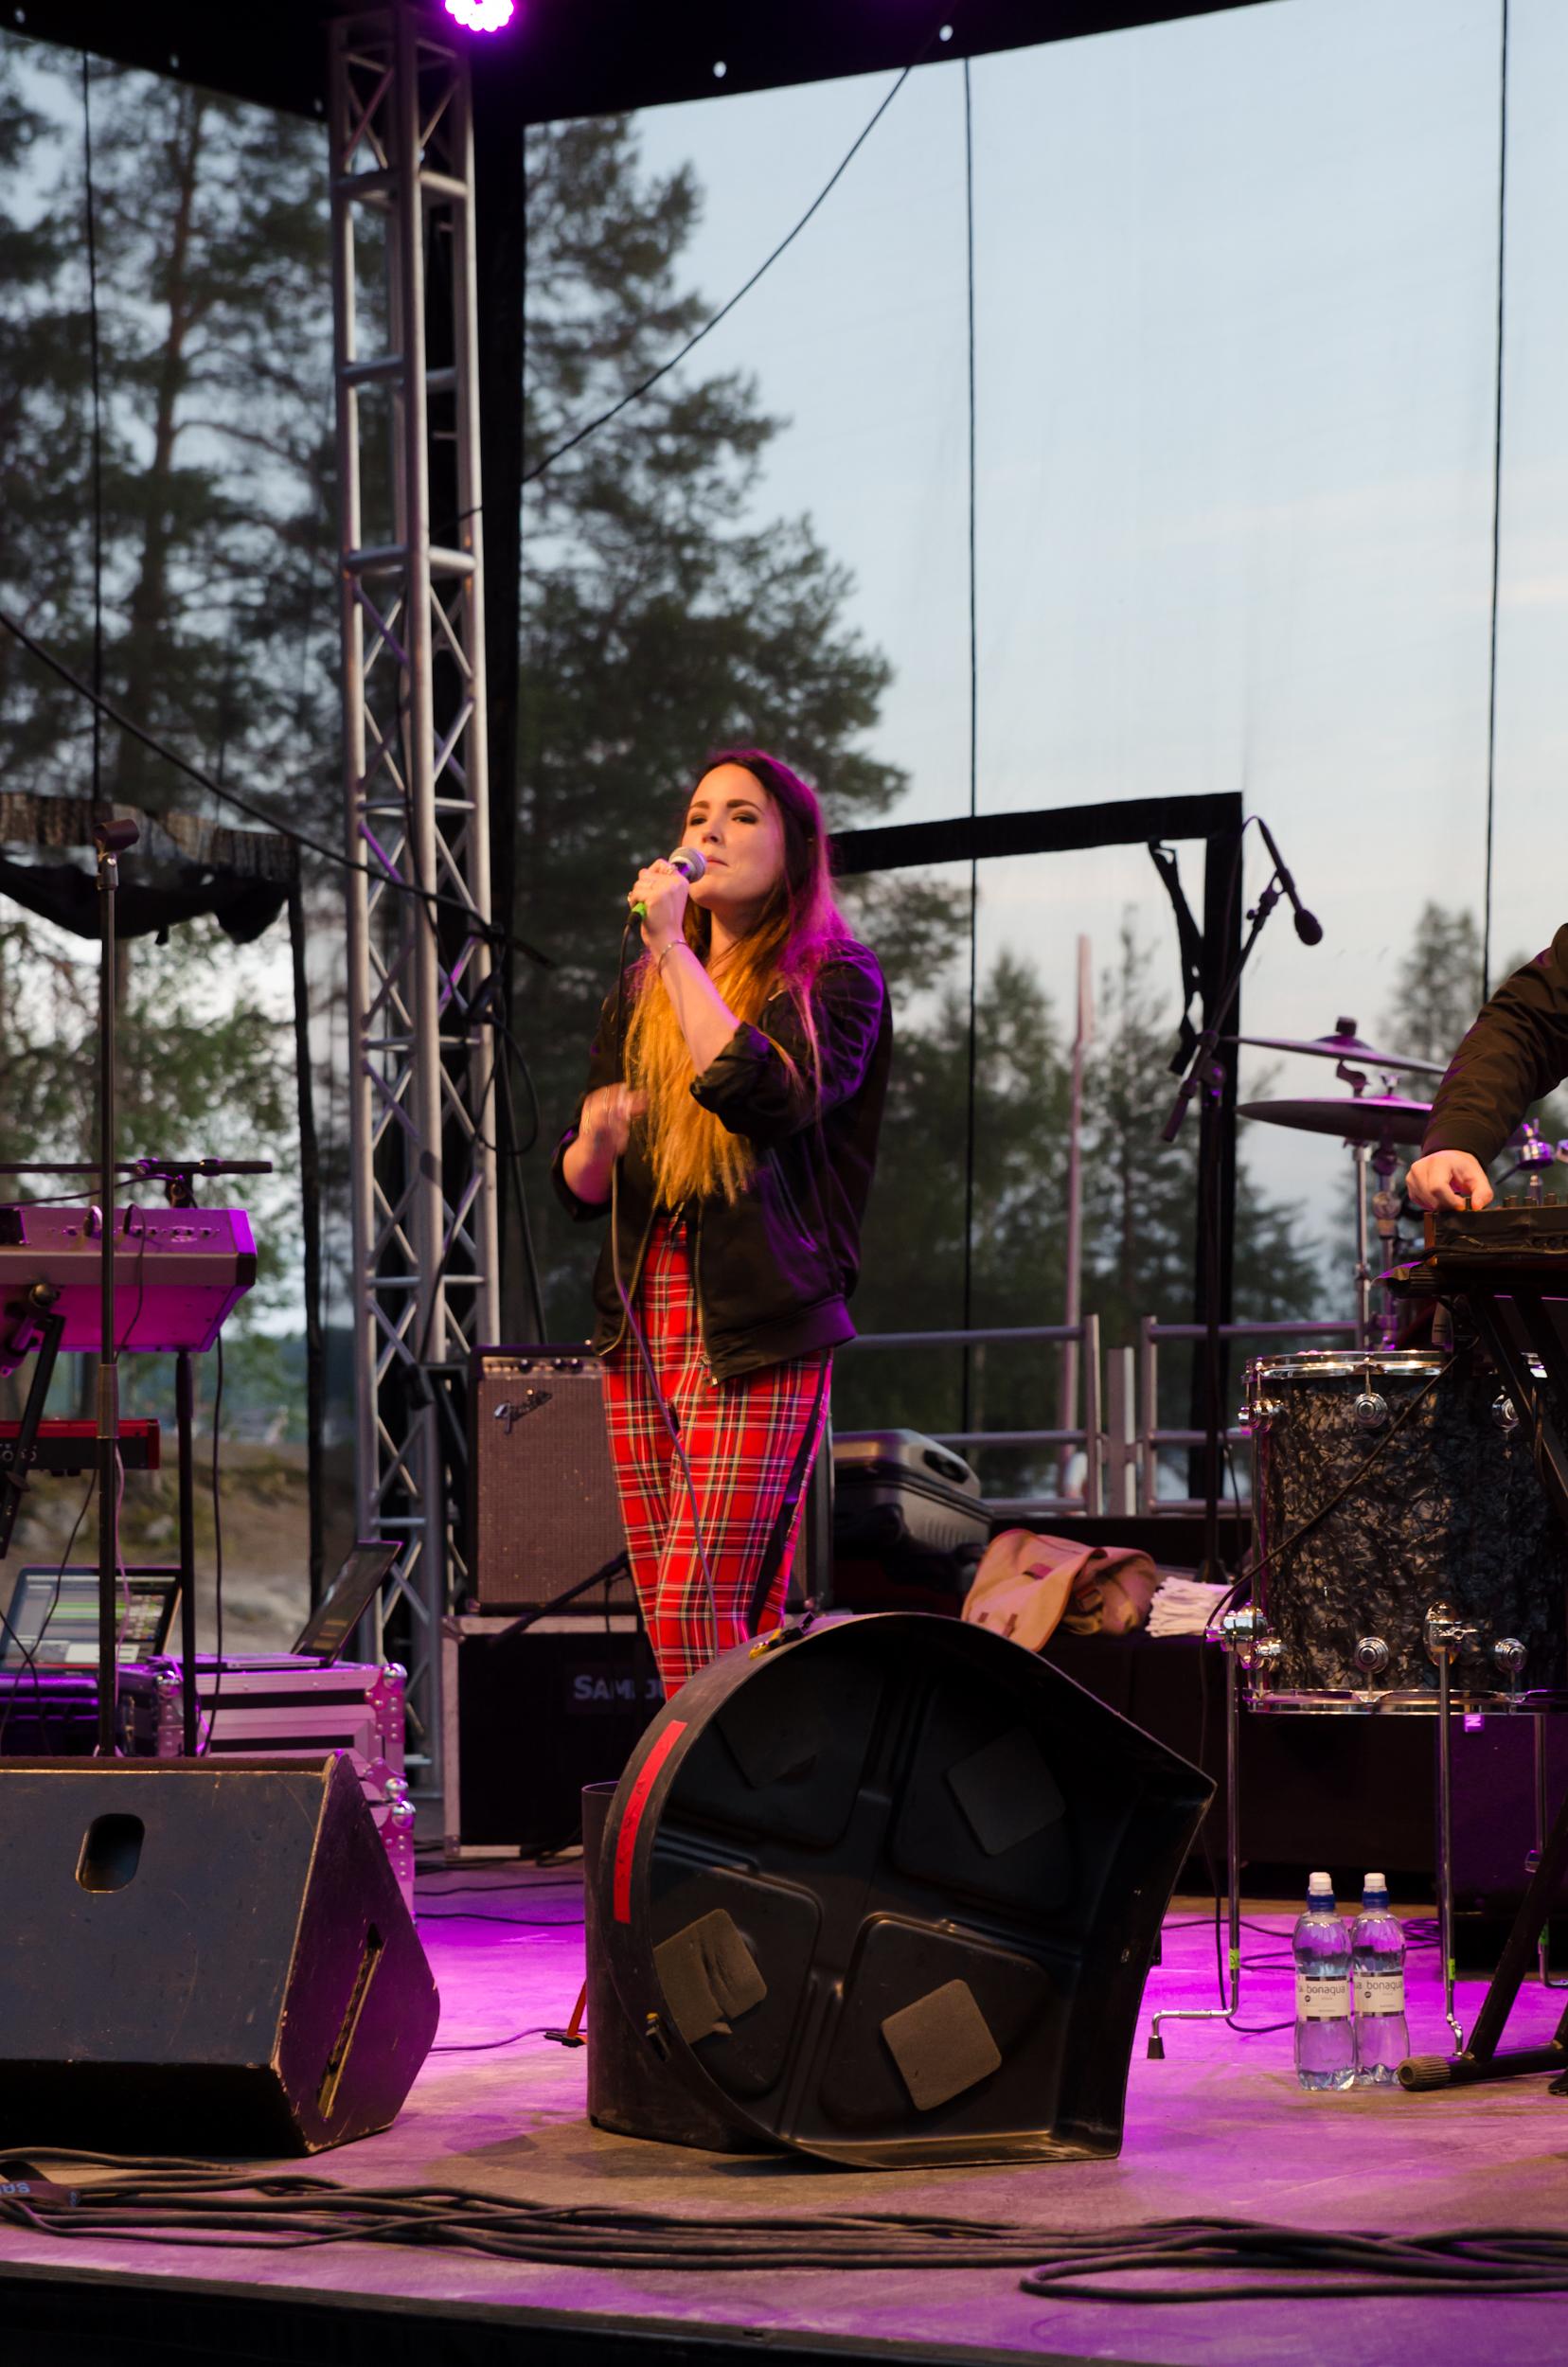 Miriam Bryant Musikens Makt Luleå 2013